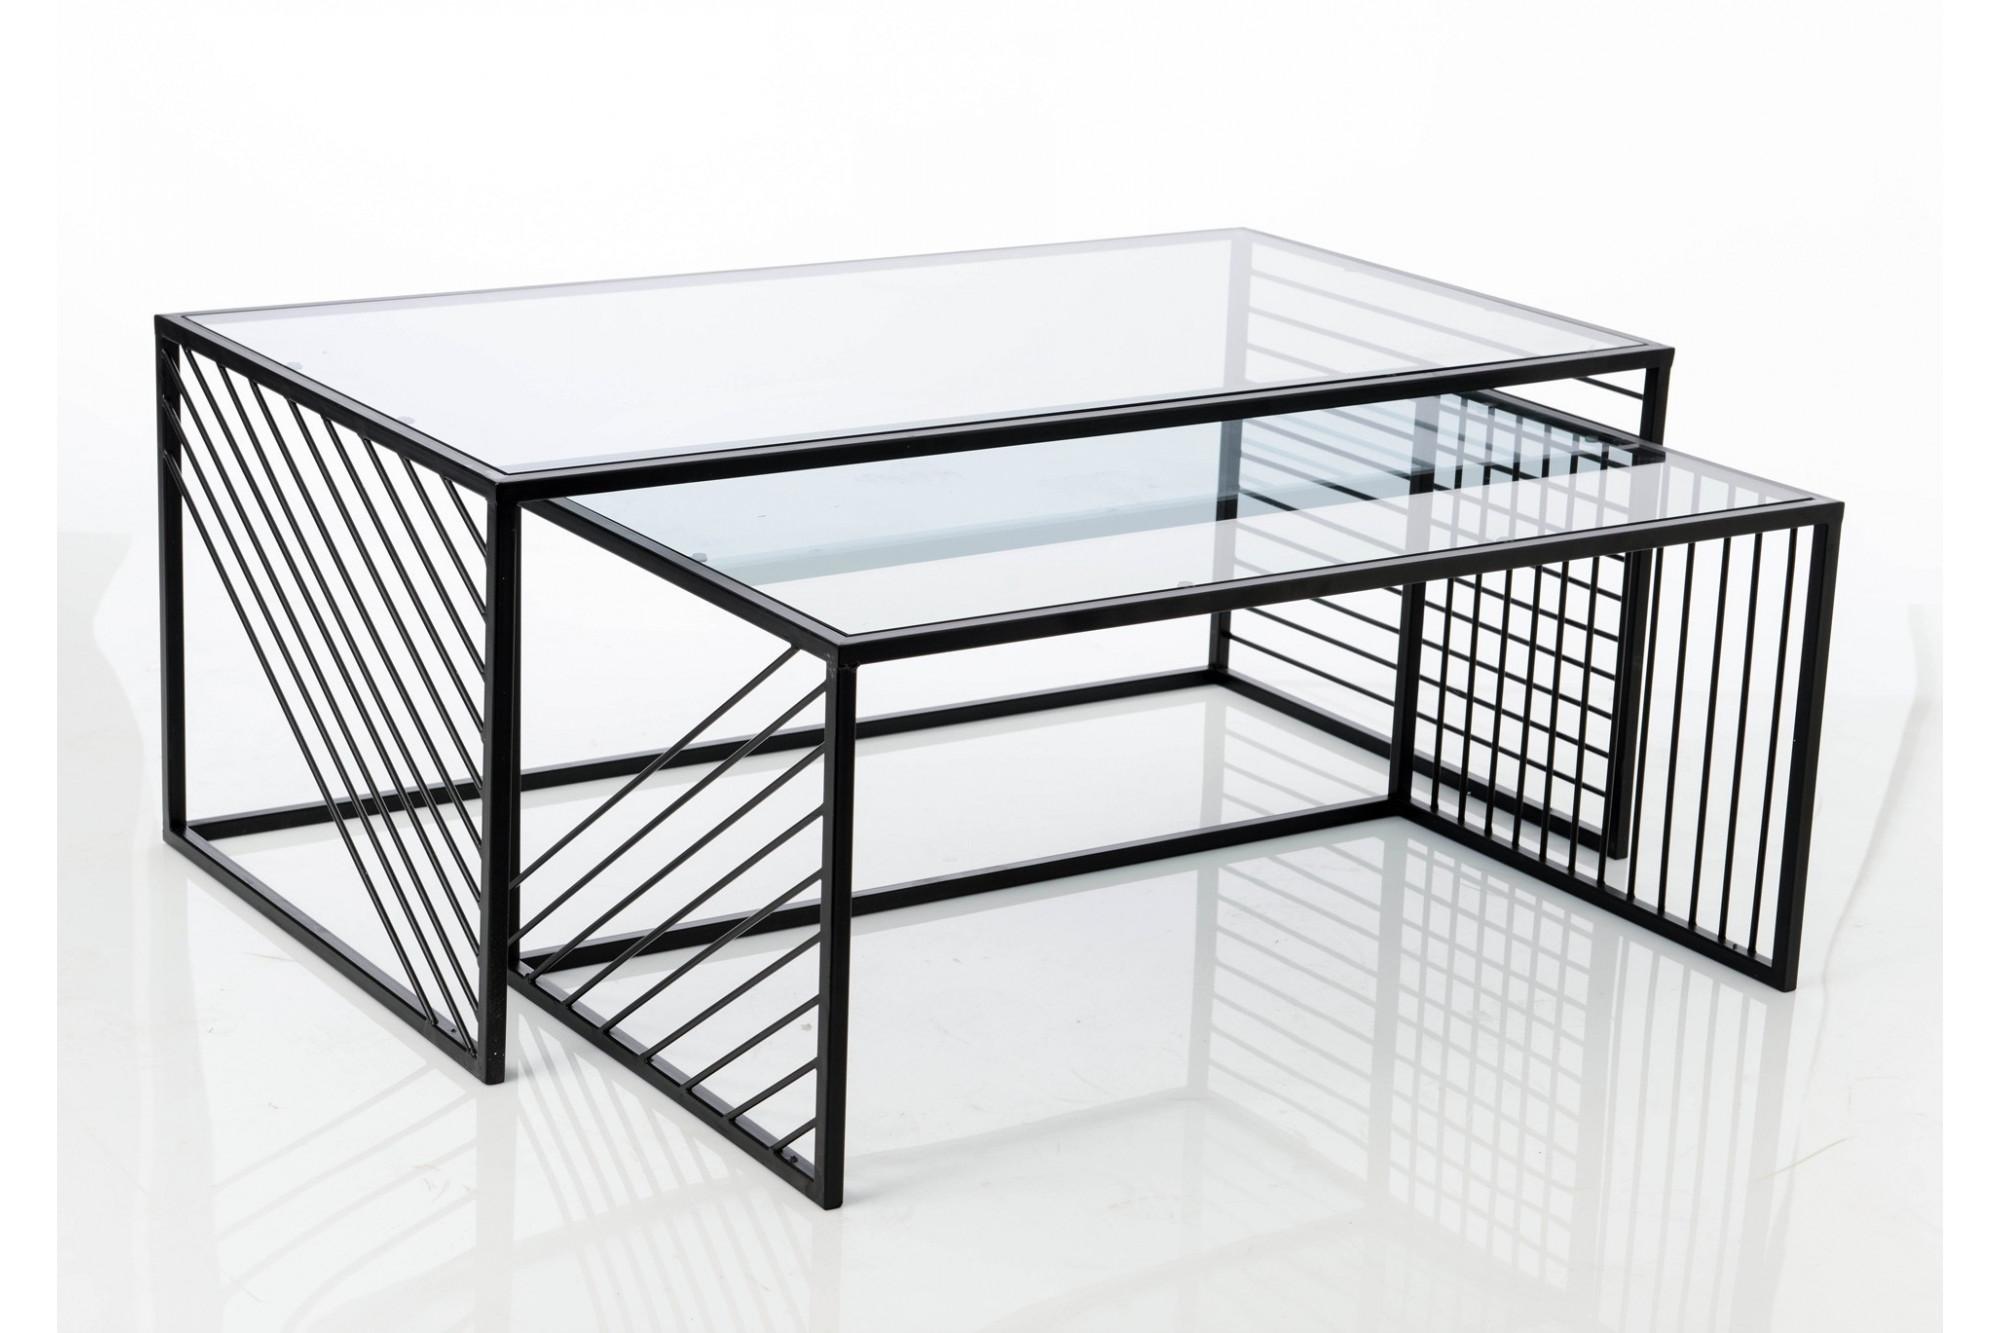 nouveau concept 871f8 0662c Tables basses graphique en métal et verre - Hellin